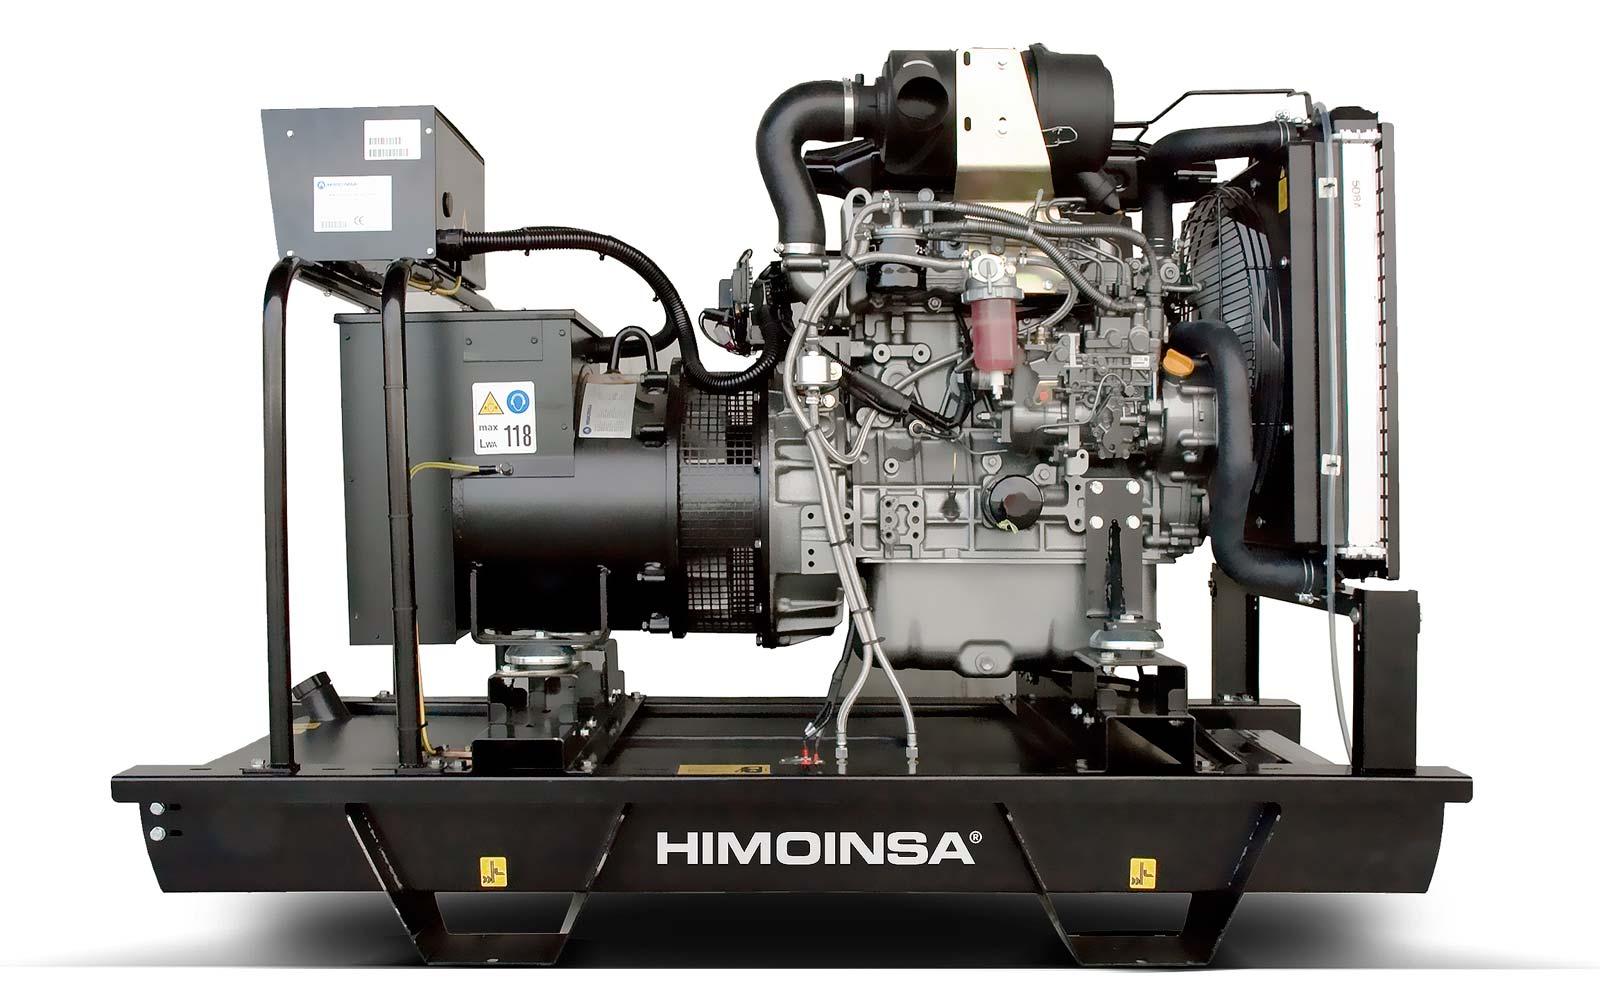 дизельная электростанция himoinsa hyw-40 m5